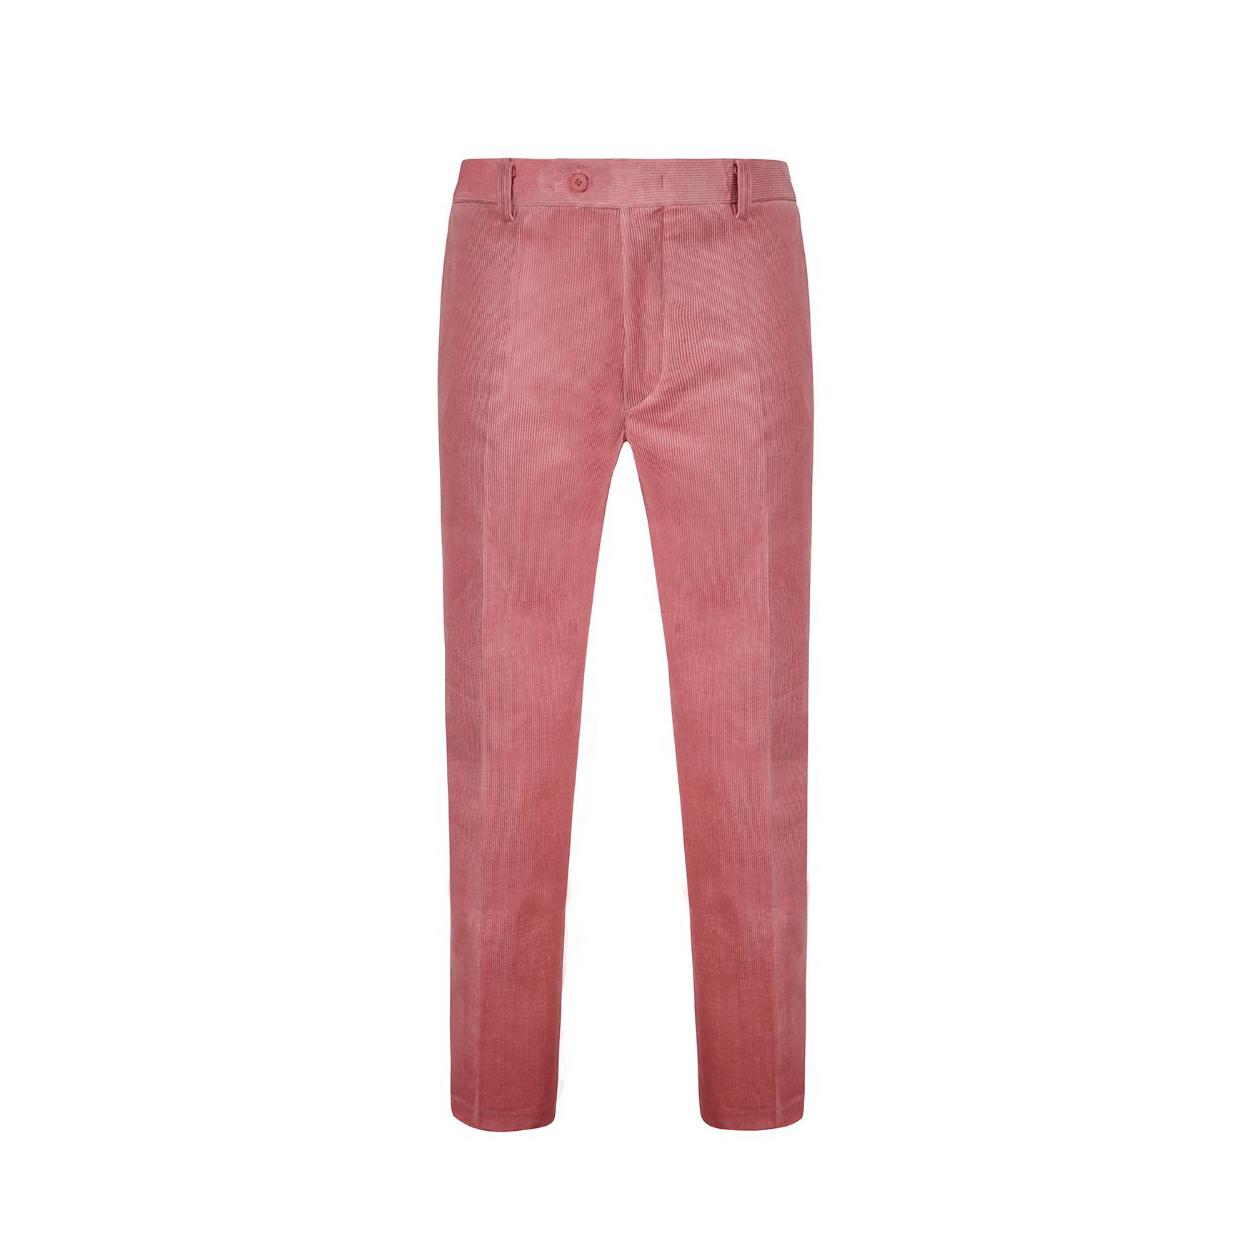 Corduroy Span Slim Fit Pants PINK